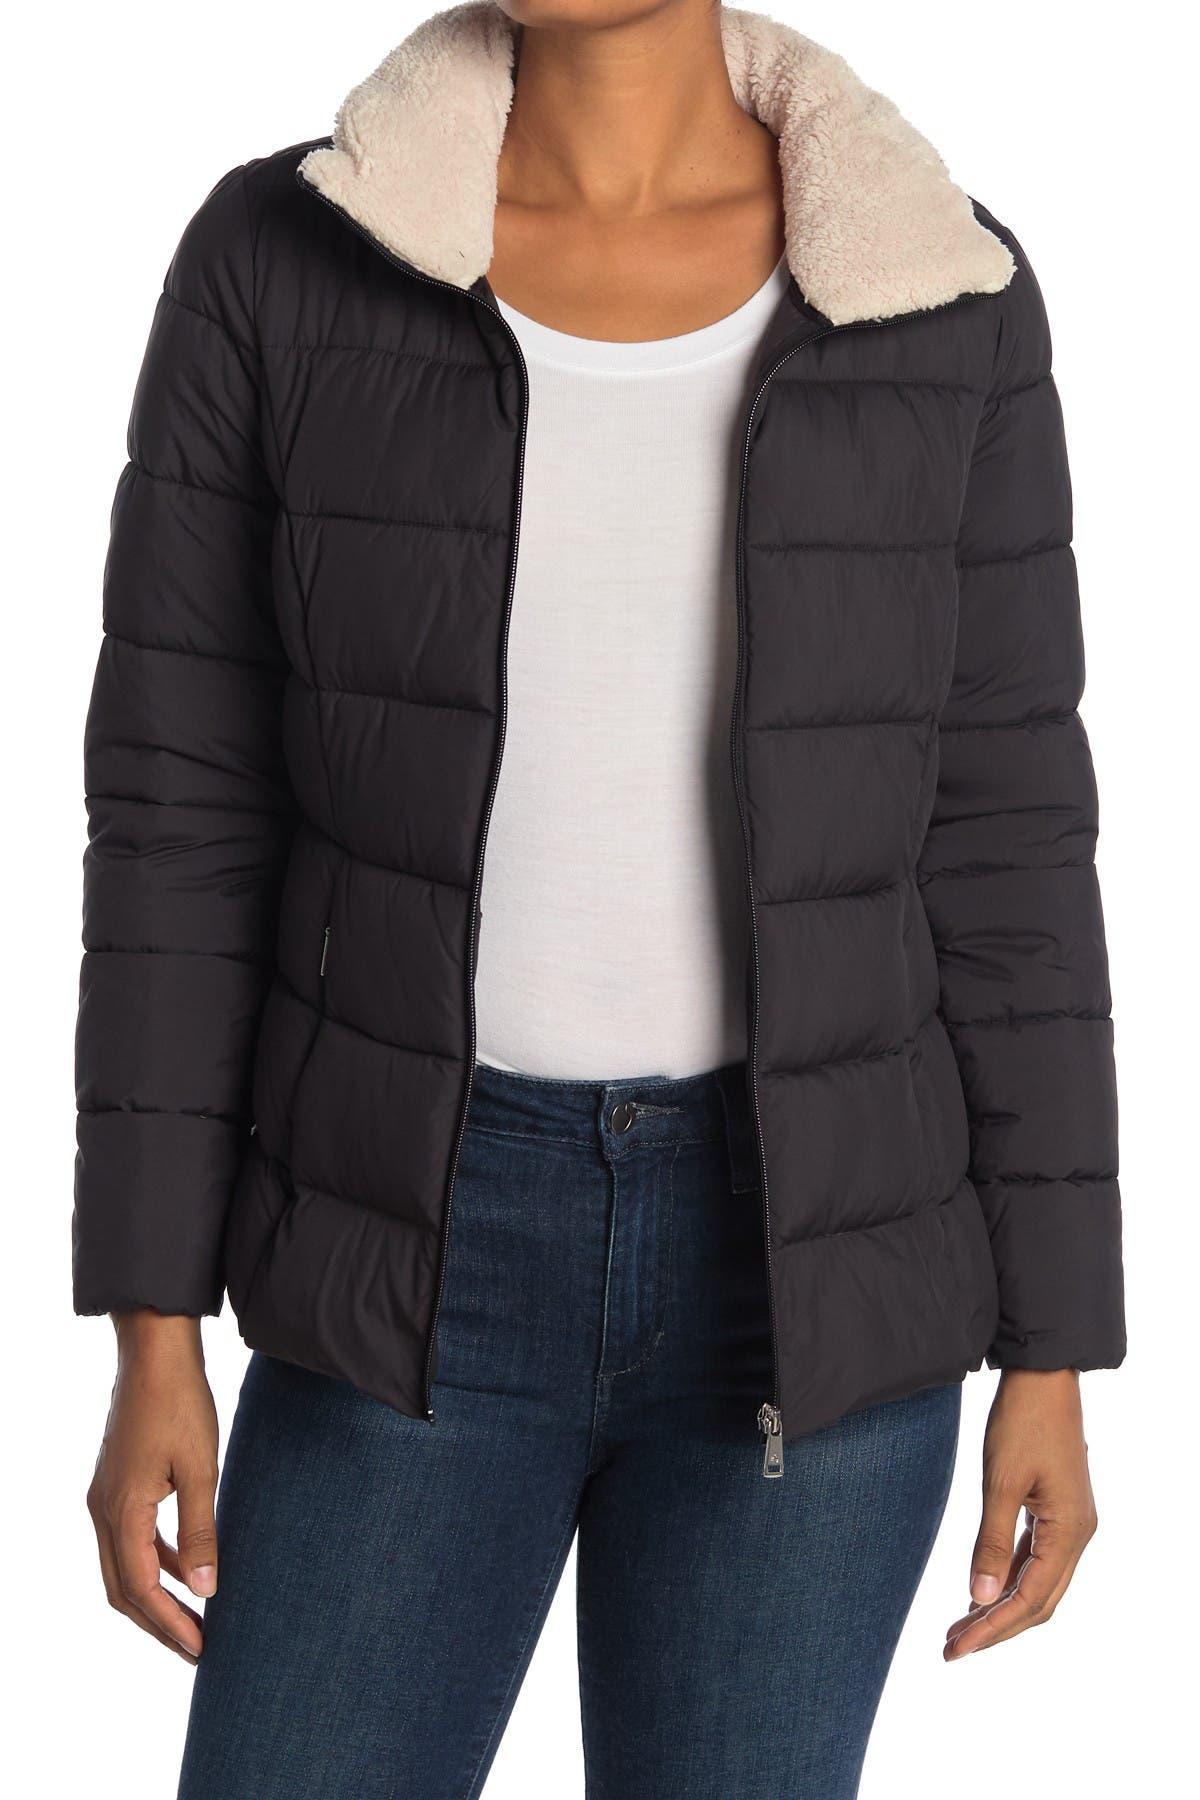 Image of Lauren Ralph Lauren Faux Fur Collar Puffer Jacket